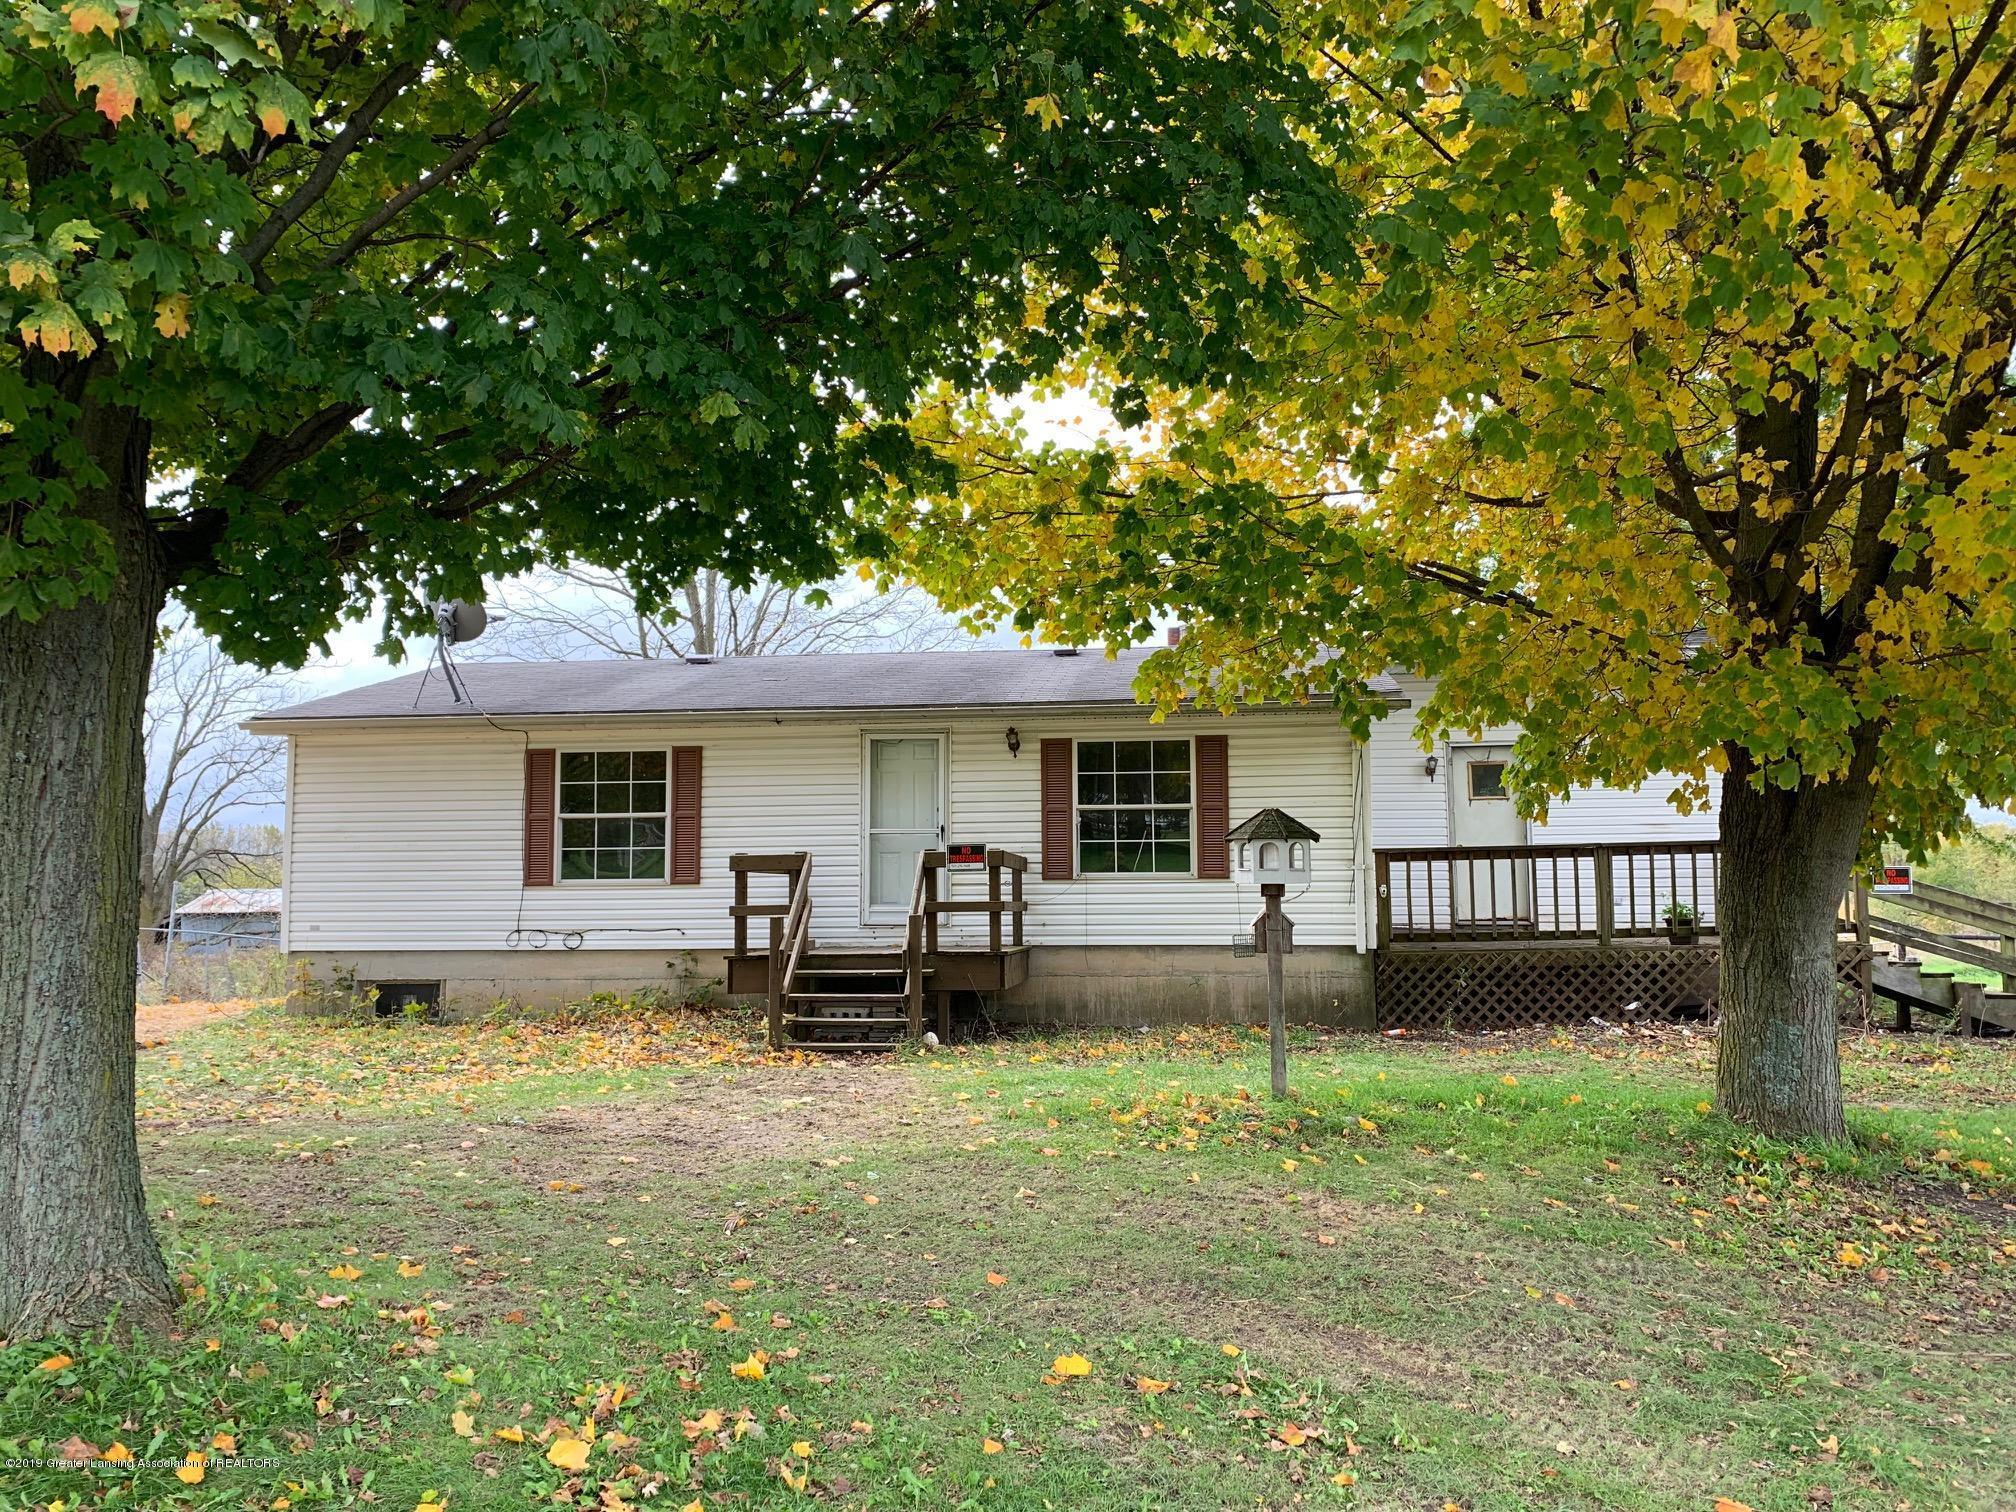 6889 W Vermontville Hwy - Street View - 1